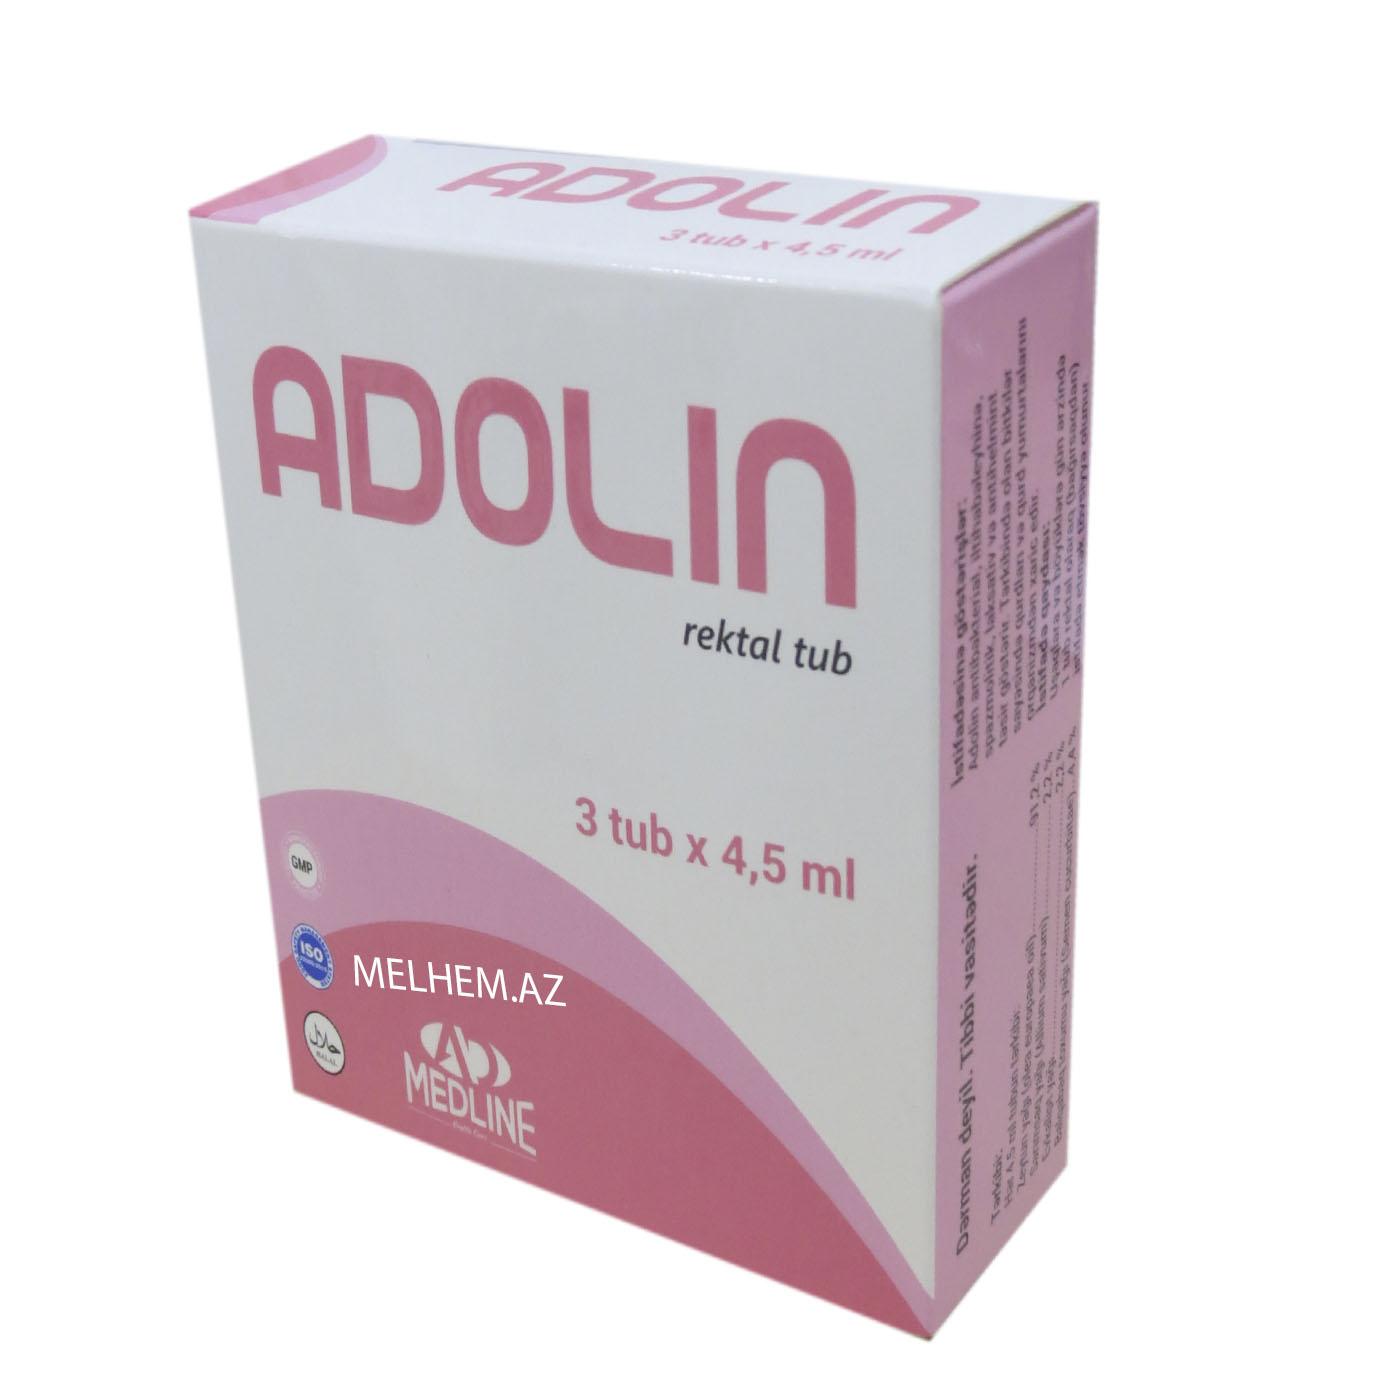 ADOLİN 3 TUB/4.5 ML